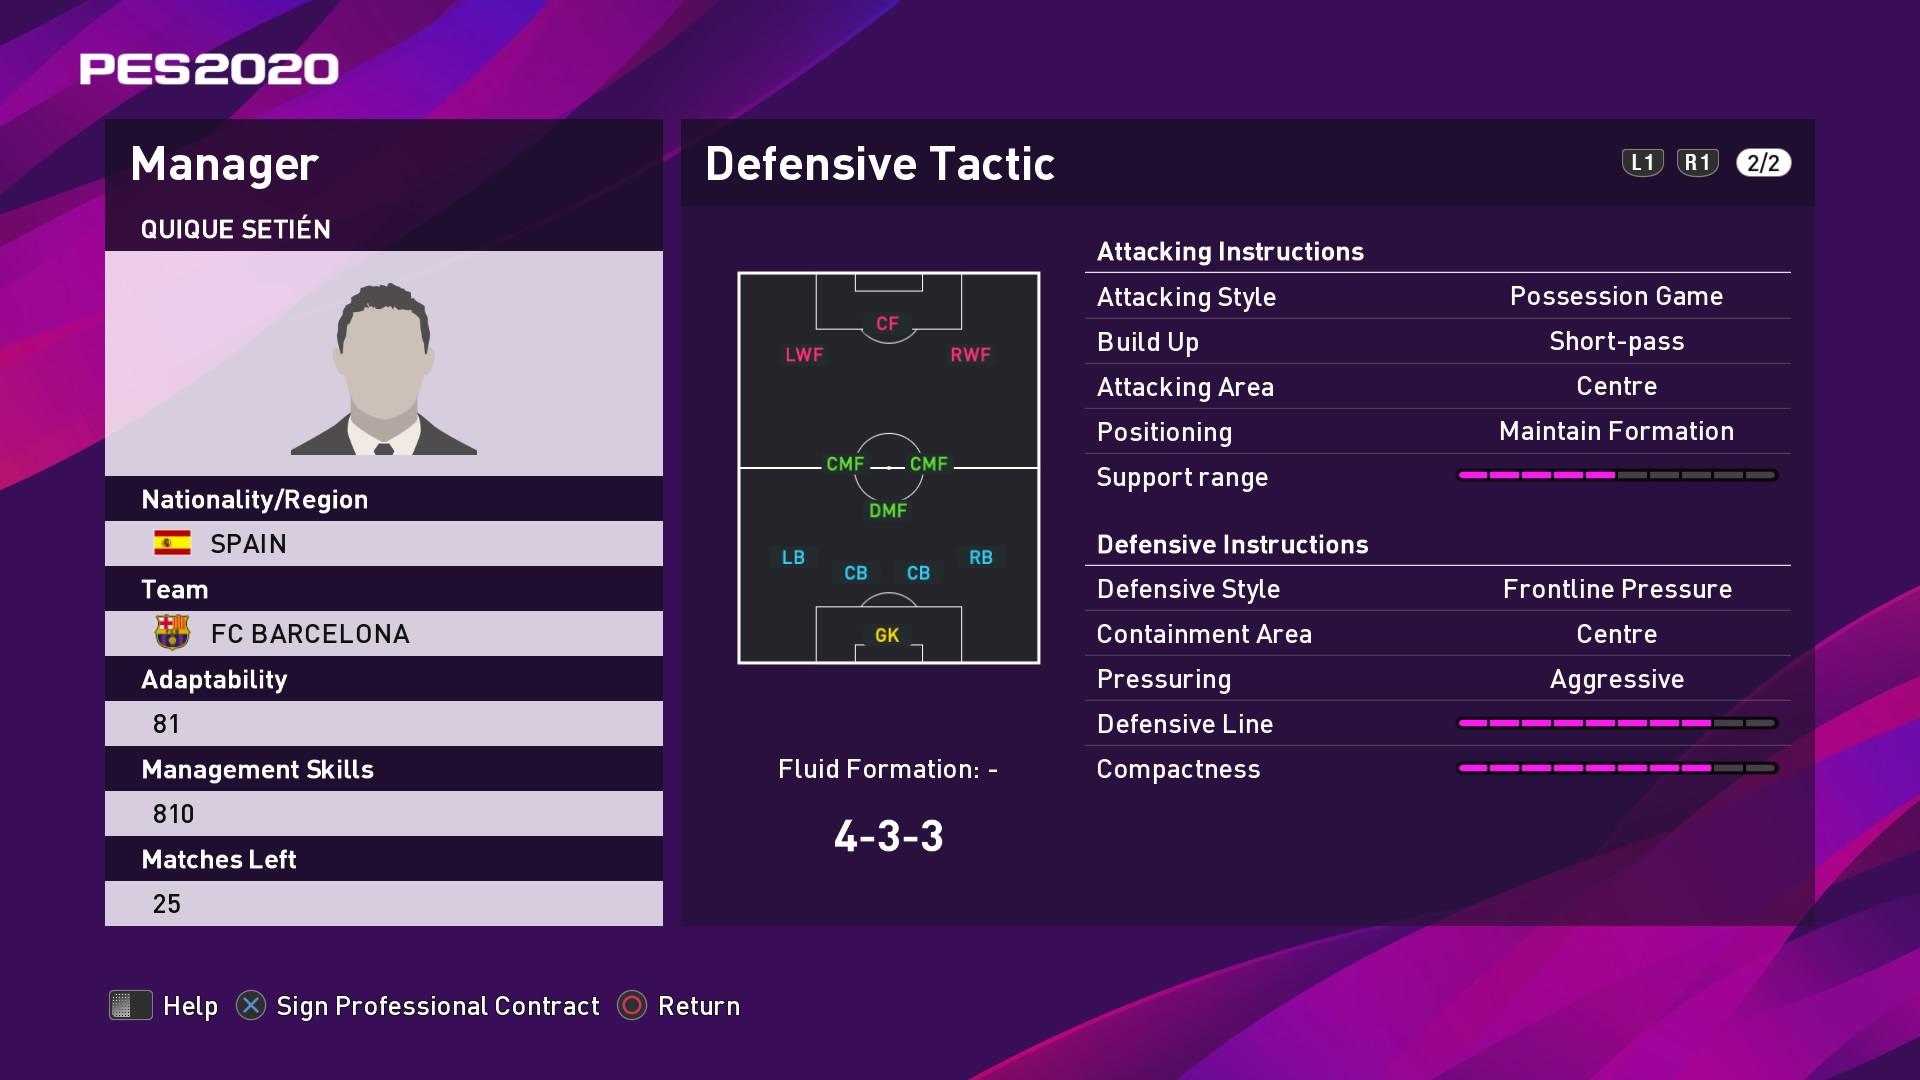 Quique Setién (2) Defensive Tactic in PES 2020 myClub